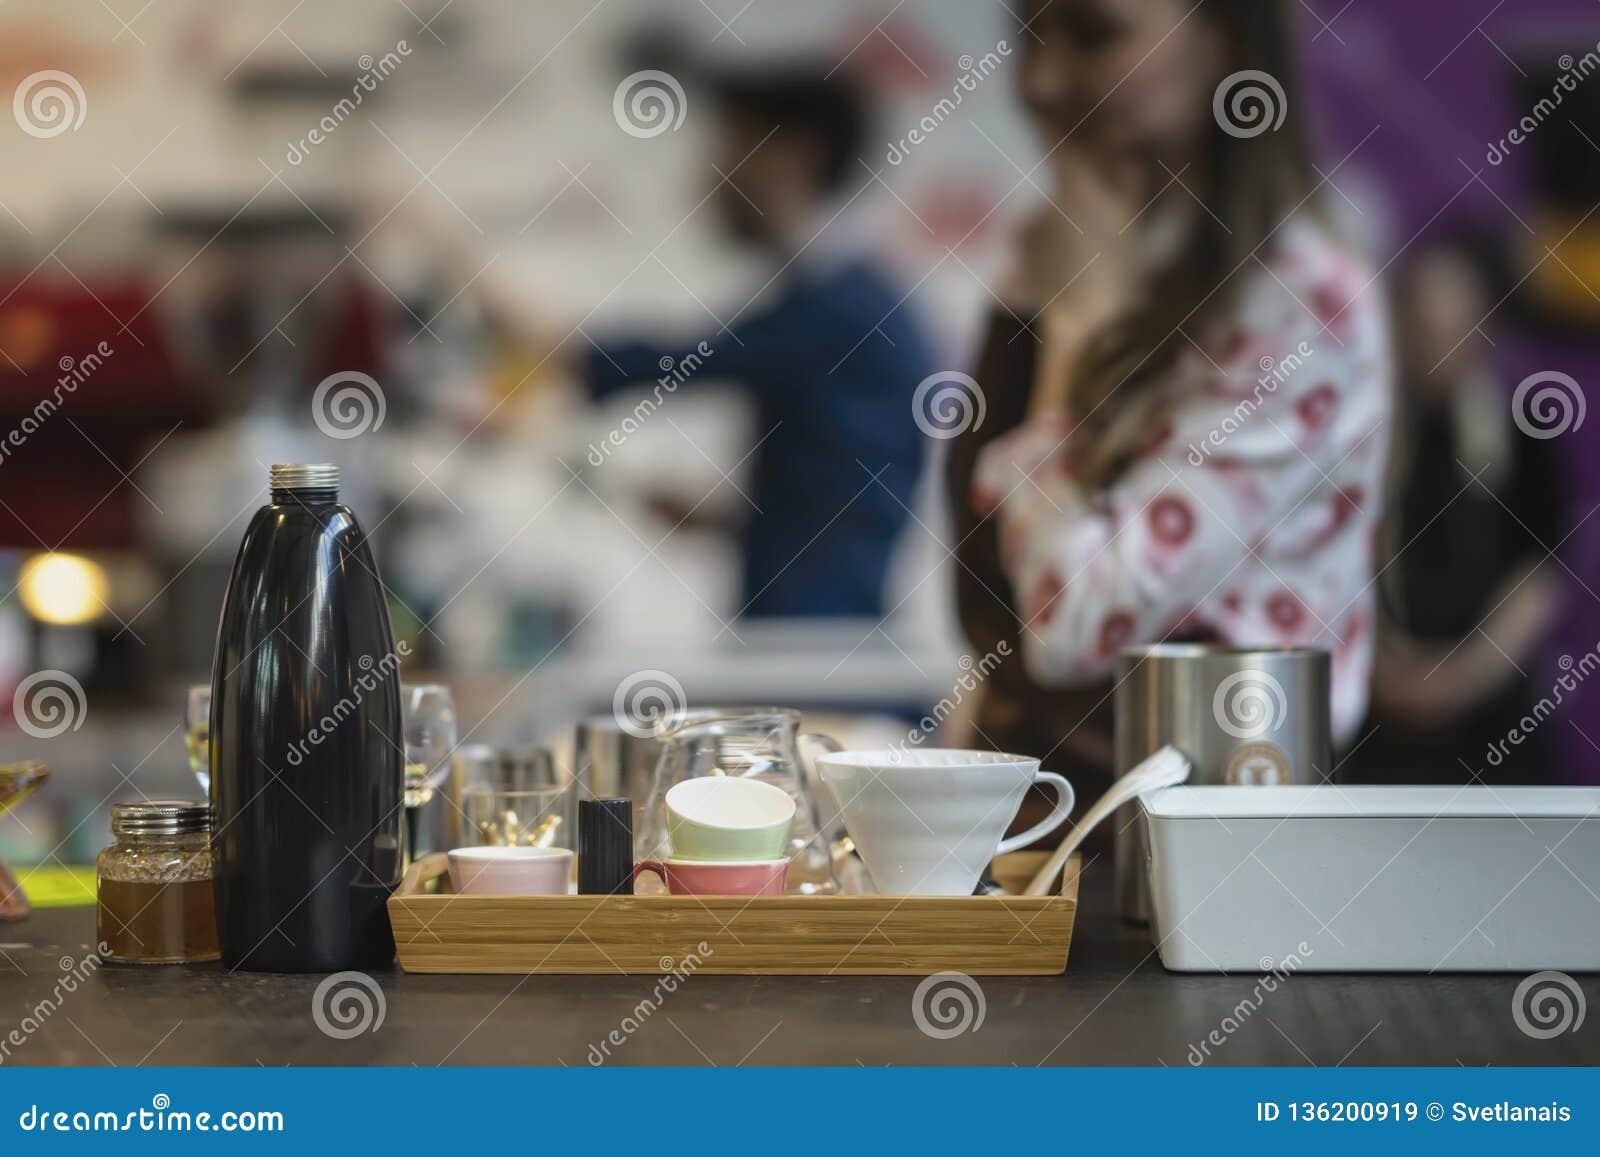 Ajuste dos pratos e dos acessórios para a preparação do café filtrado marcado na barra no fundo borrado com